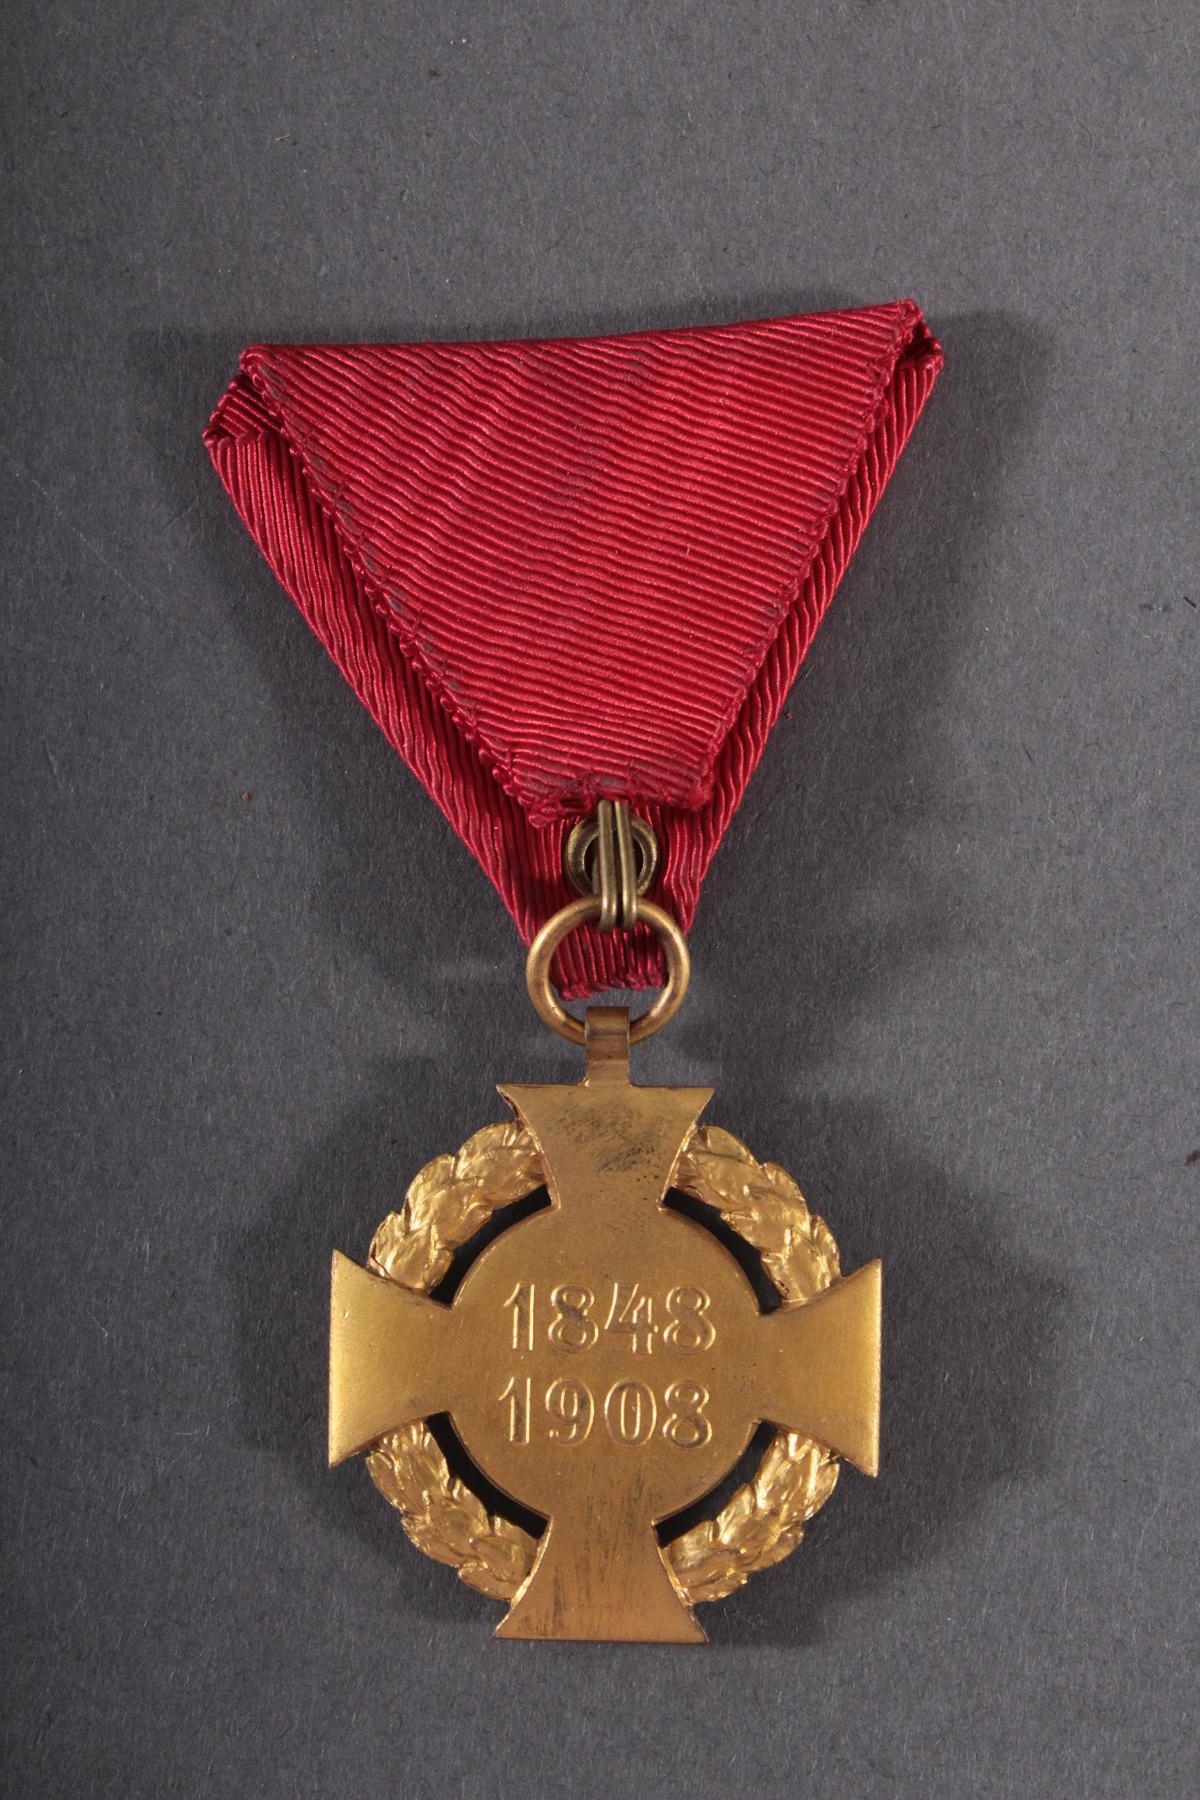 Österreich-Ungarn, Jubiläumskreuz 1848/1908 am Dreiecksband-2